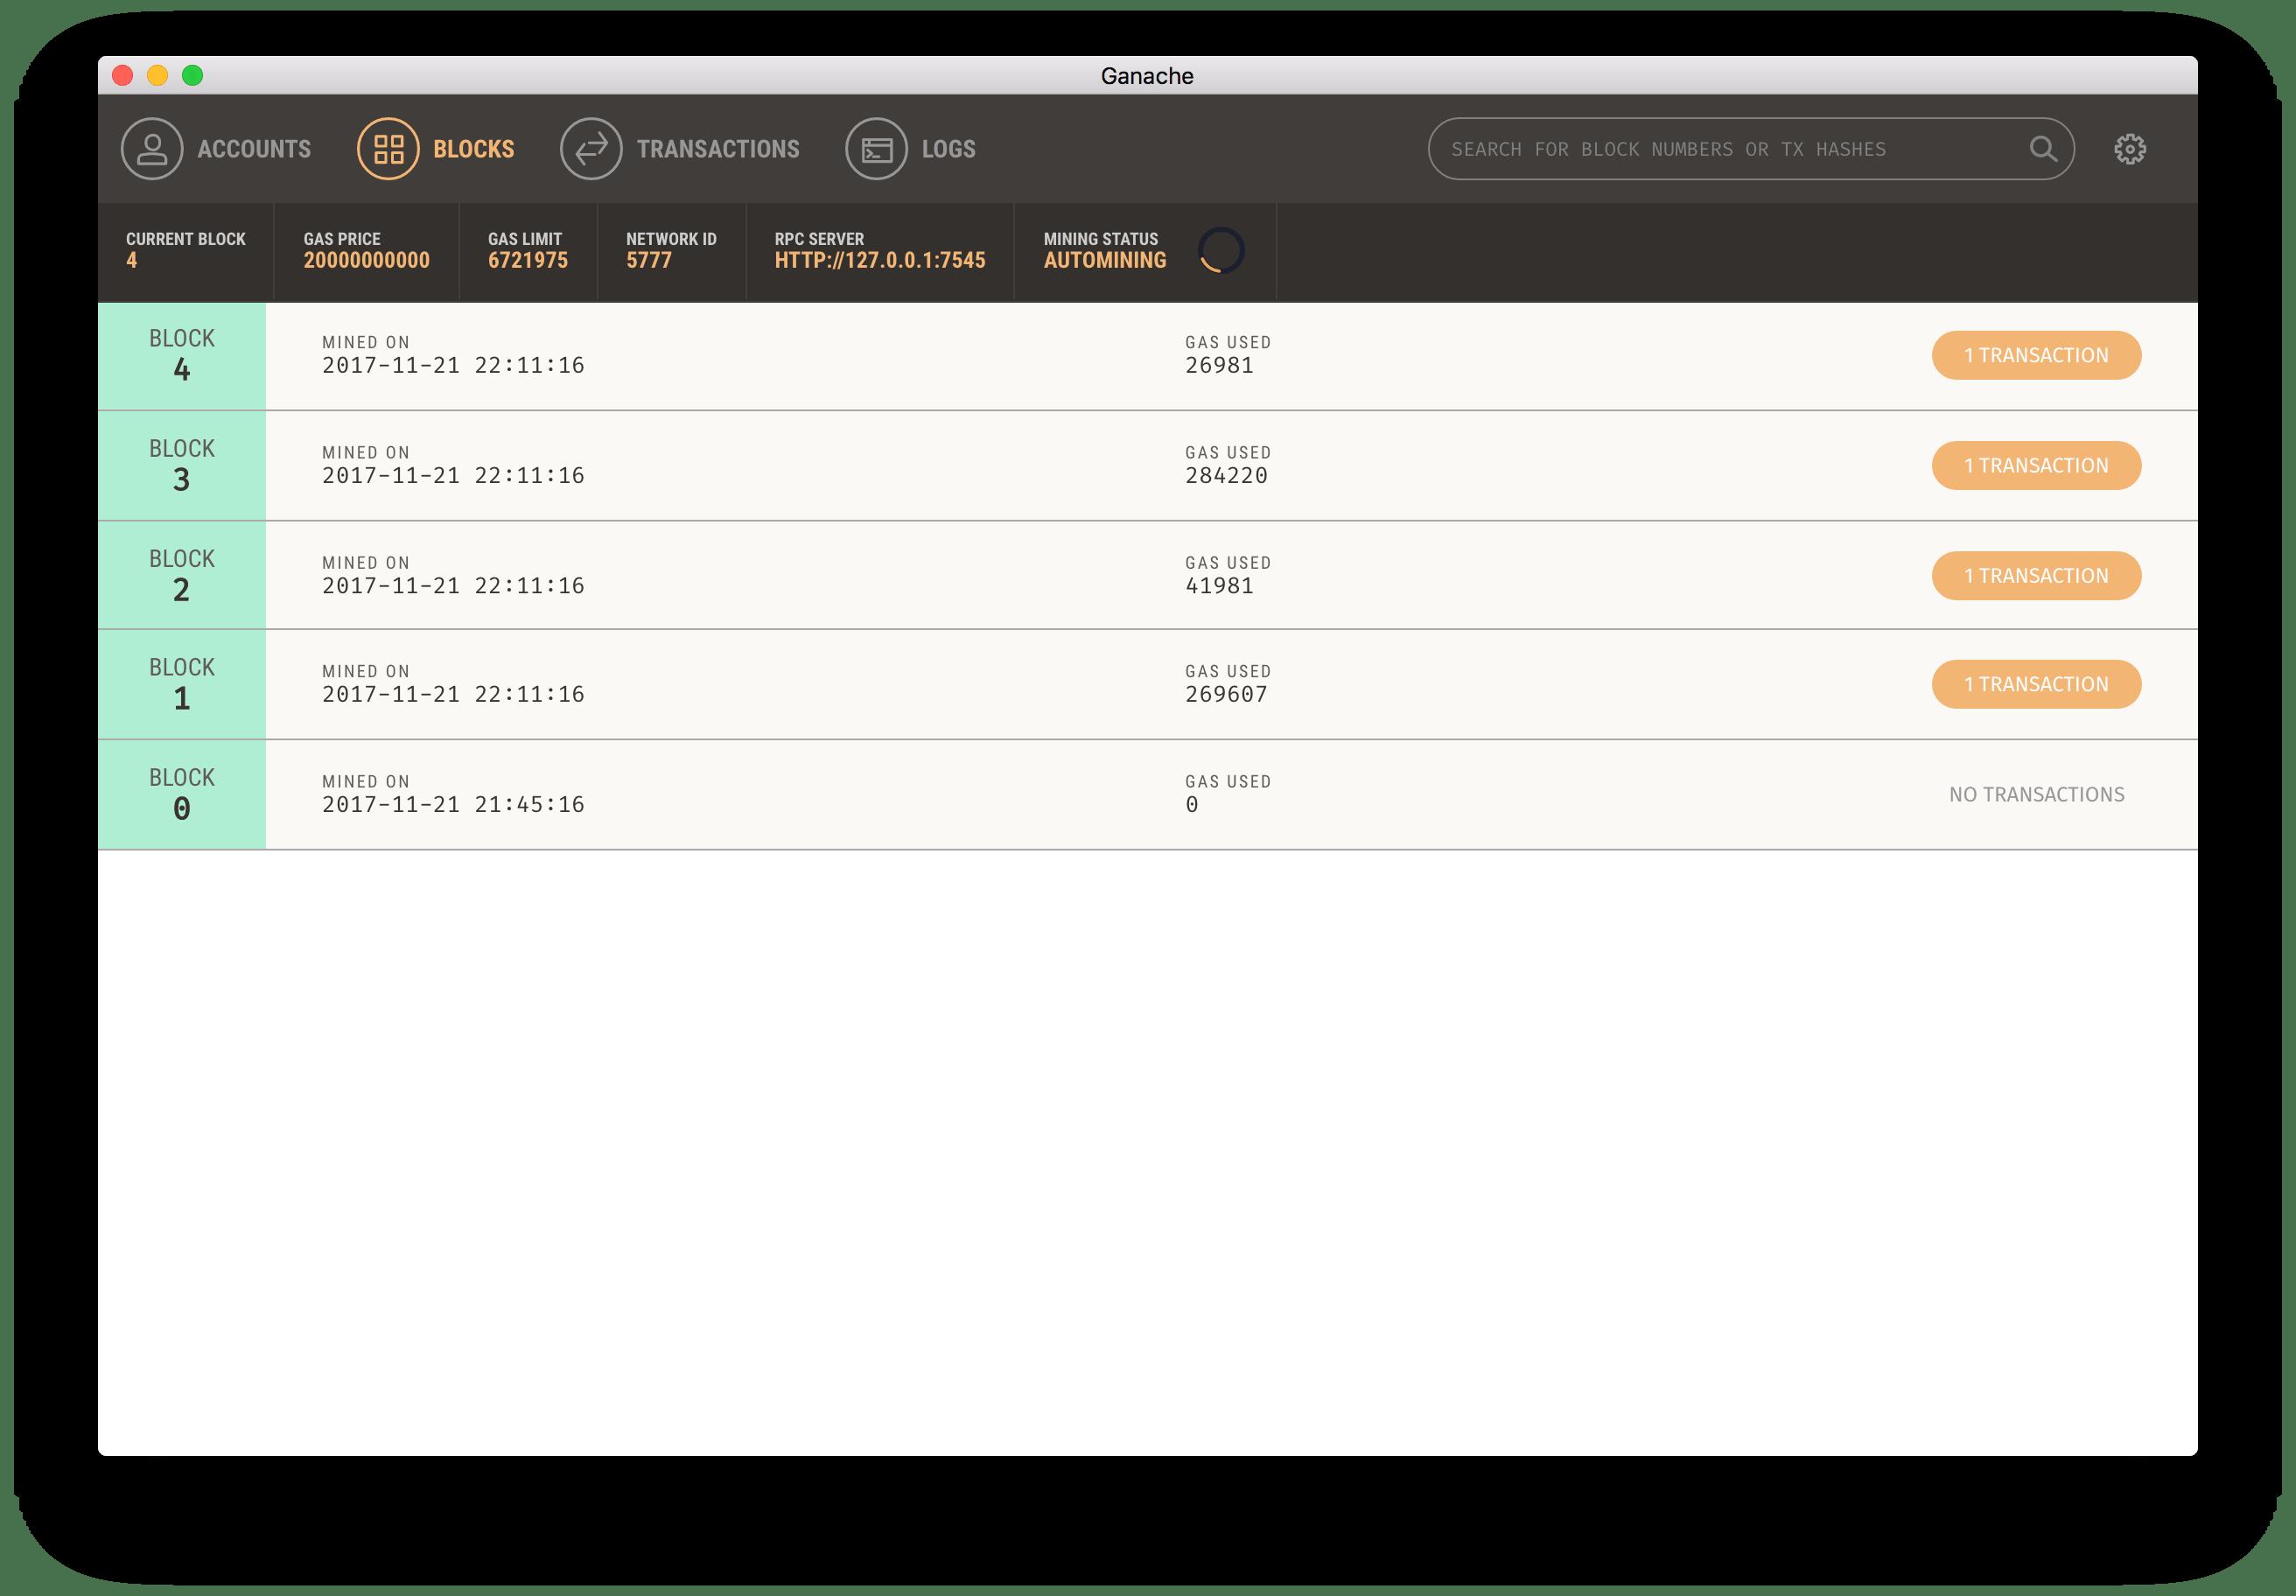 スクリーンショット 2017-11-21 22.11.41.png